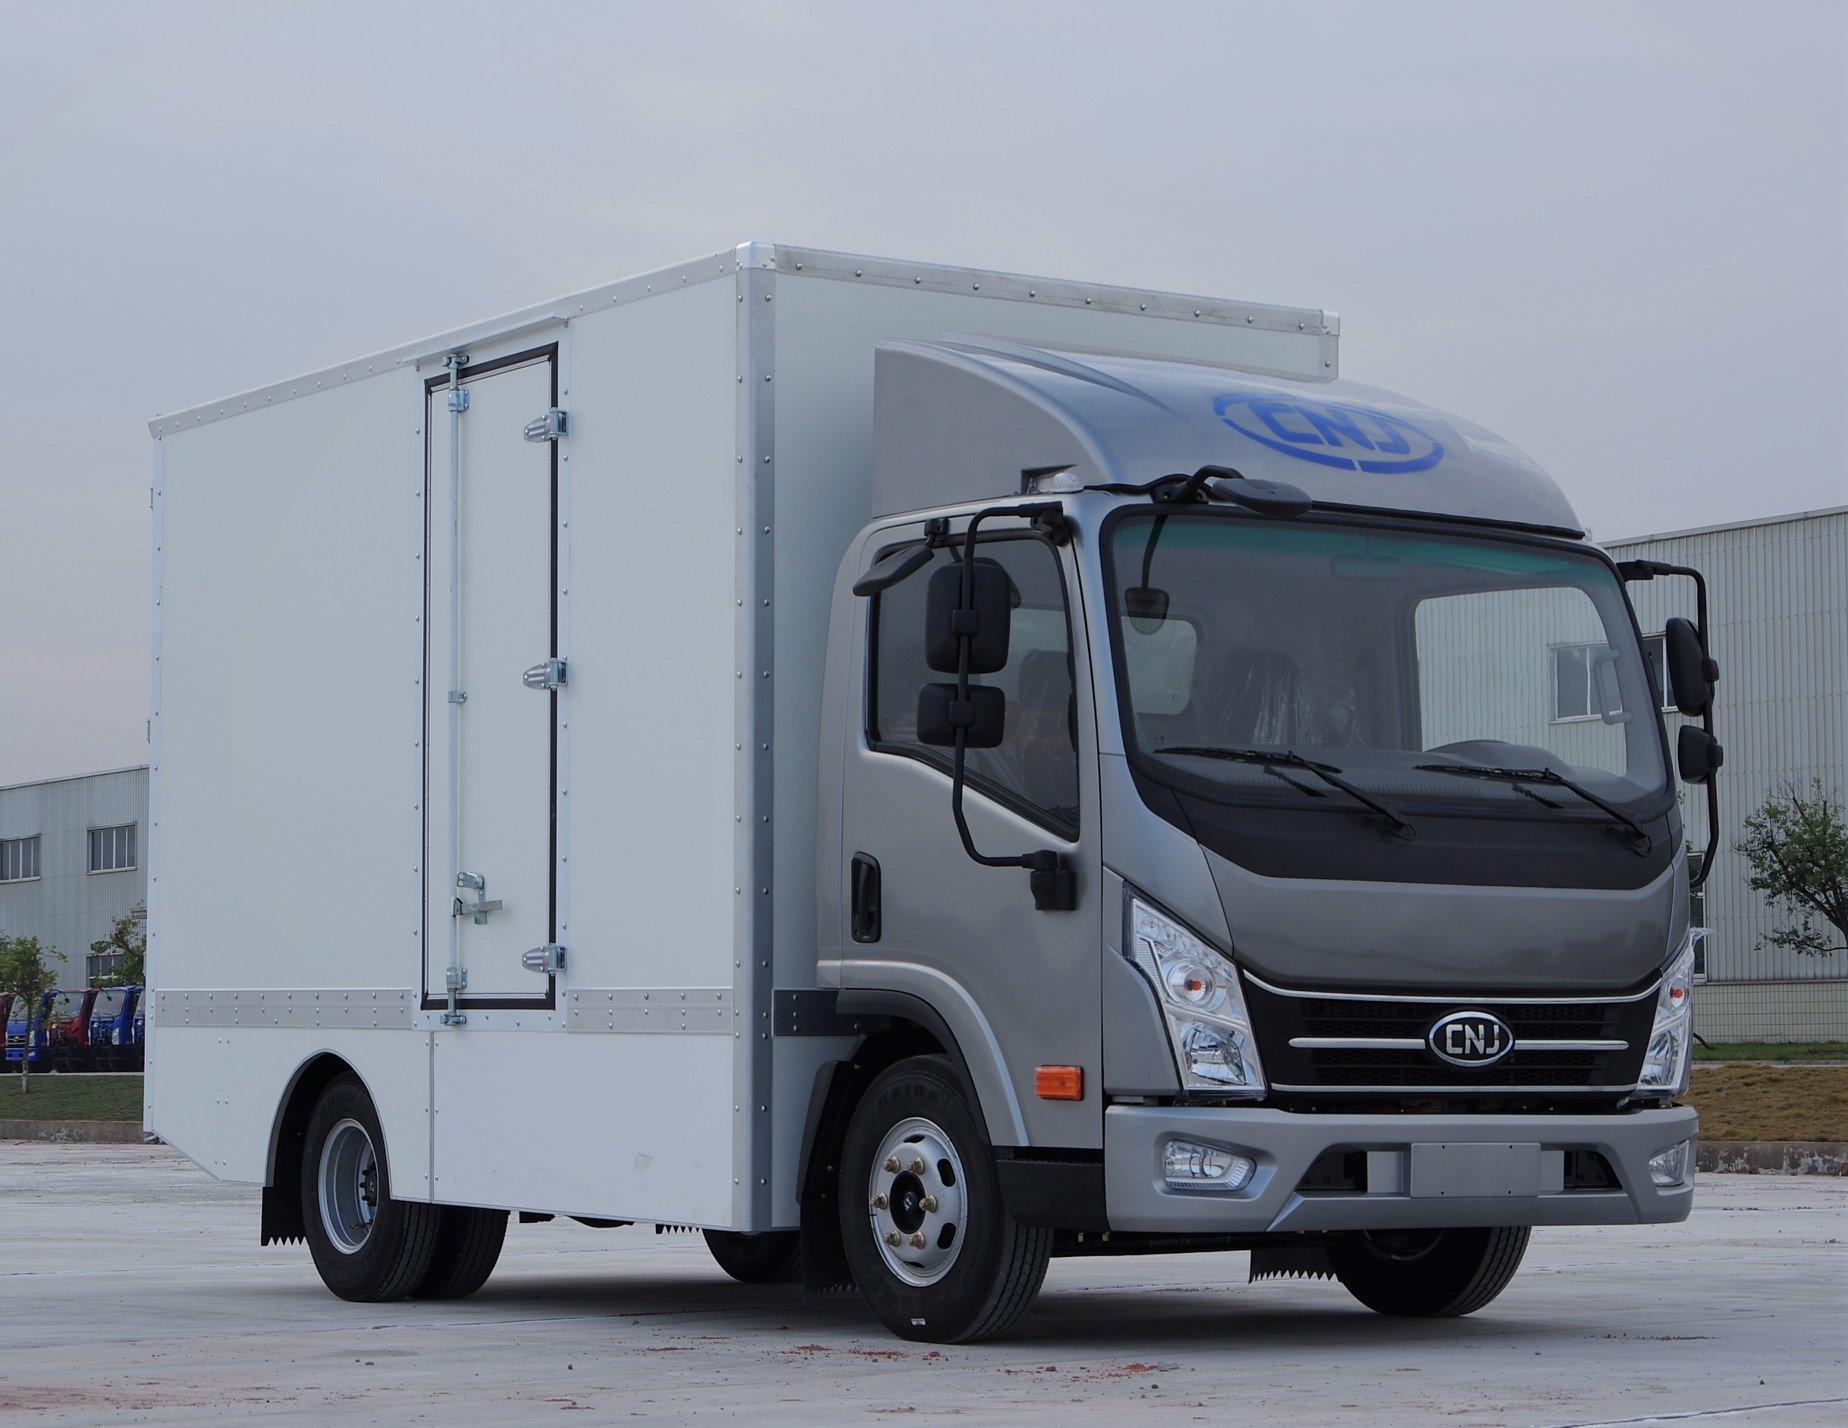 Cnj-elektrische-vrachtwagens-van-39-kwh-tot-93-kwh-met-lading-van-2-5-ton-tot-8-ton-8